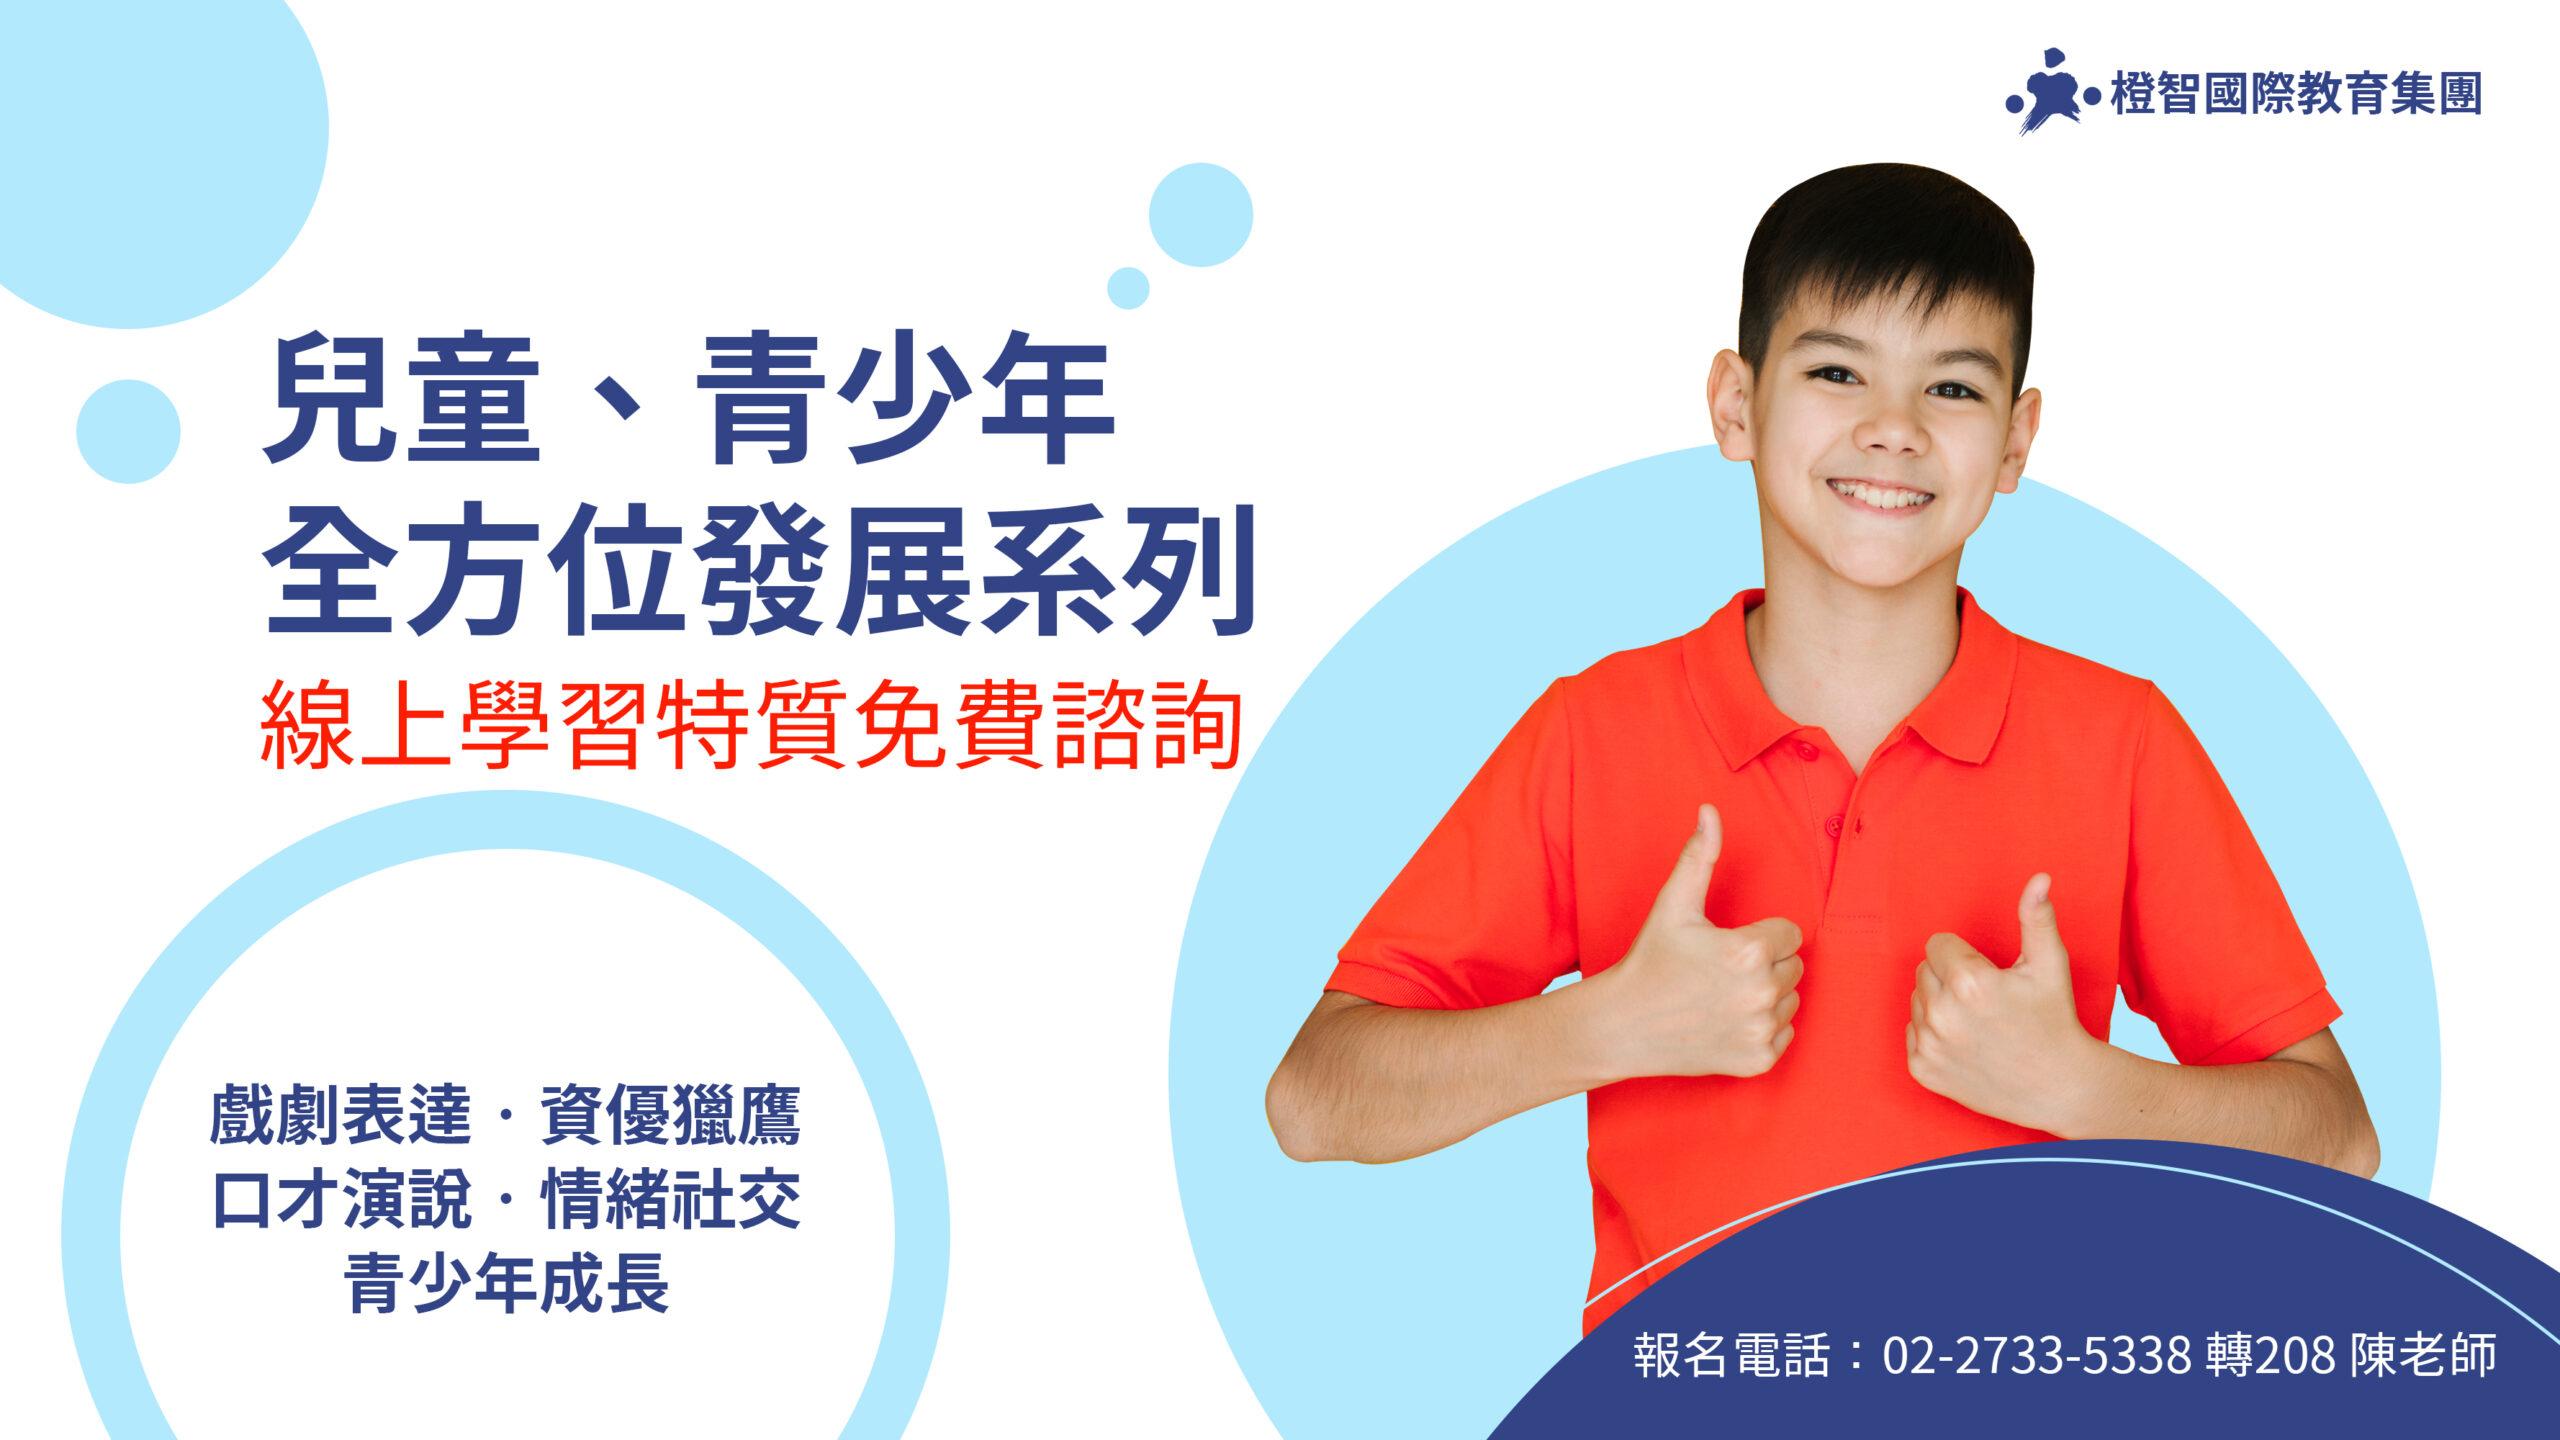 台北中心 兒童、青少年全方位一日營